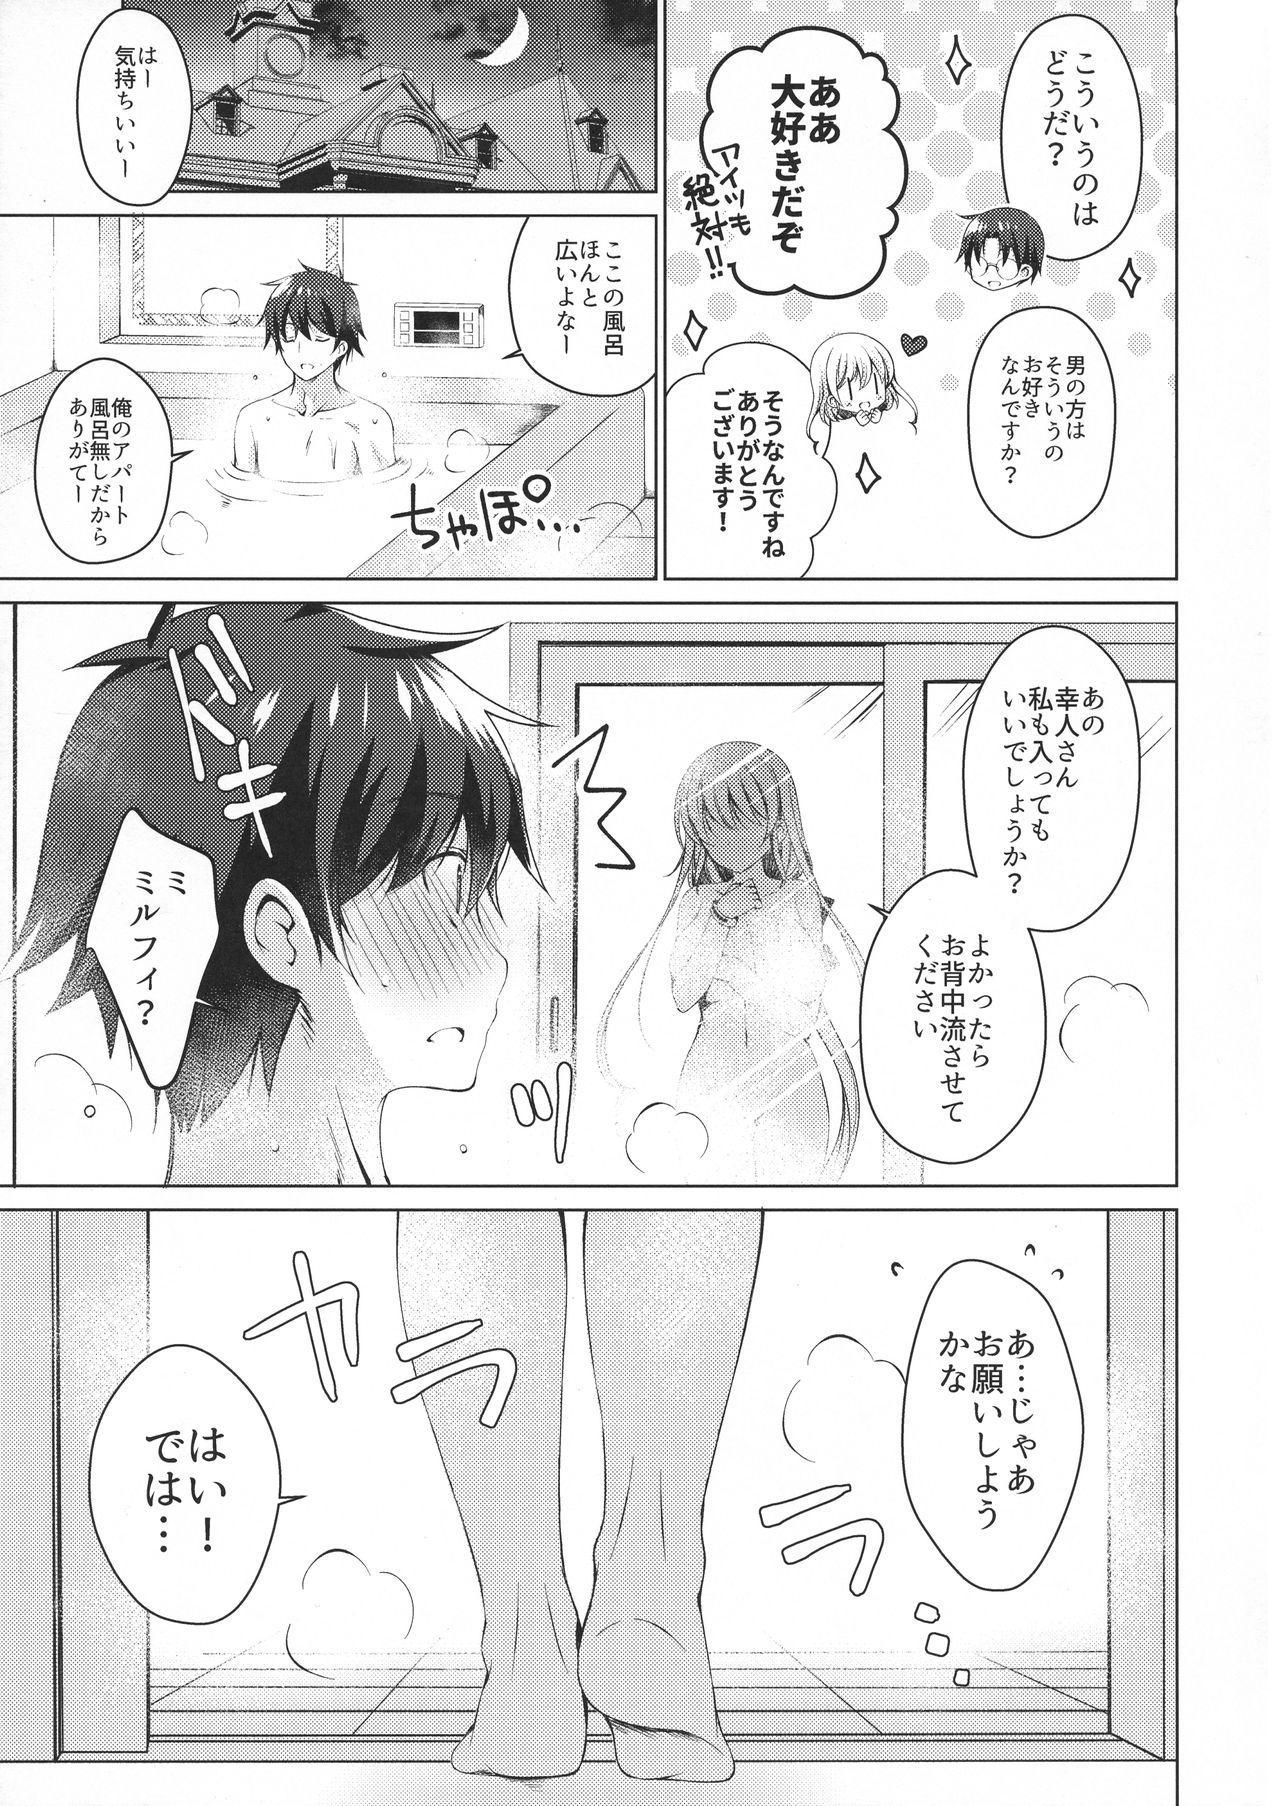 Android no Watashi ni Nenryou Hokyuu shite Kudasai 3 3